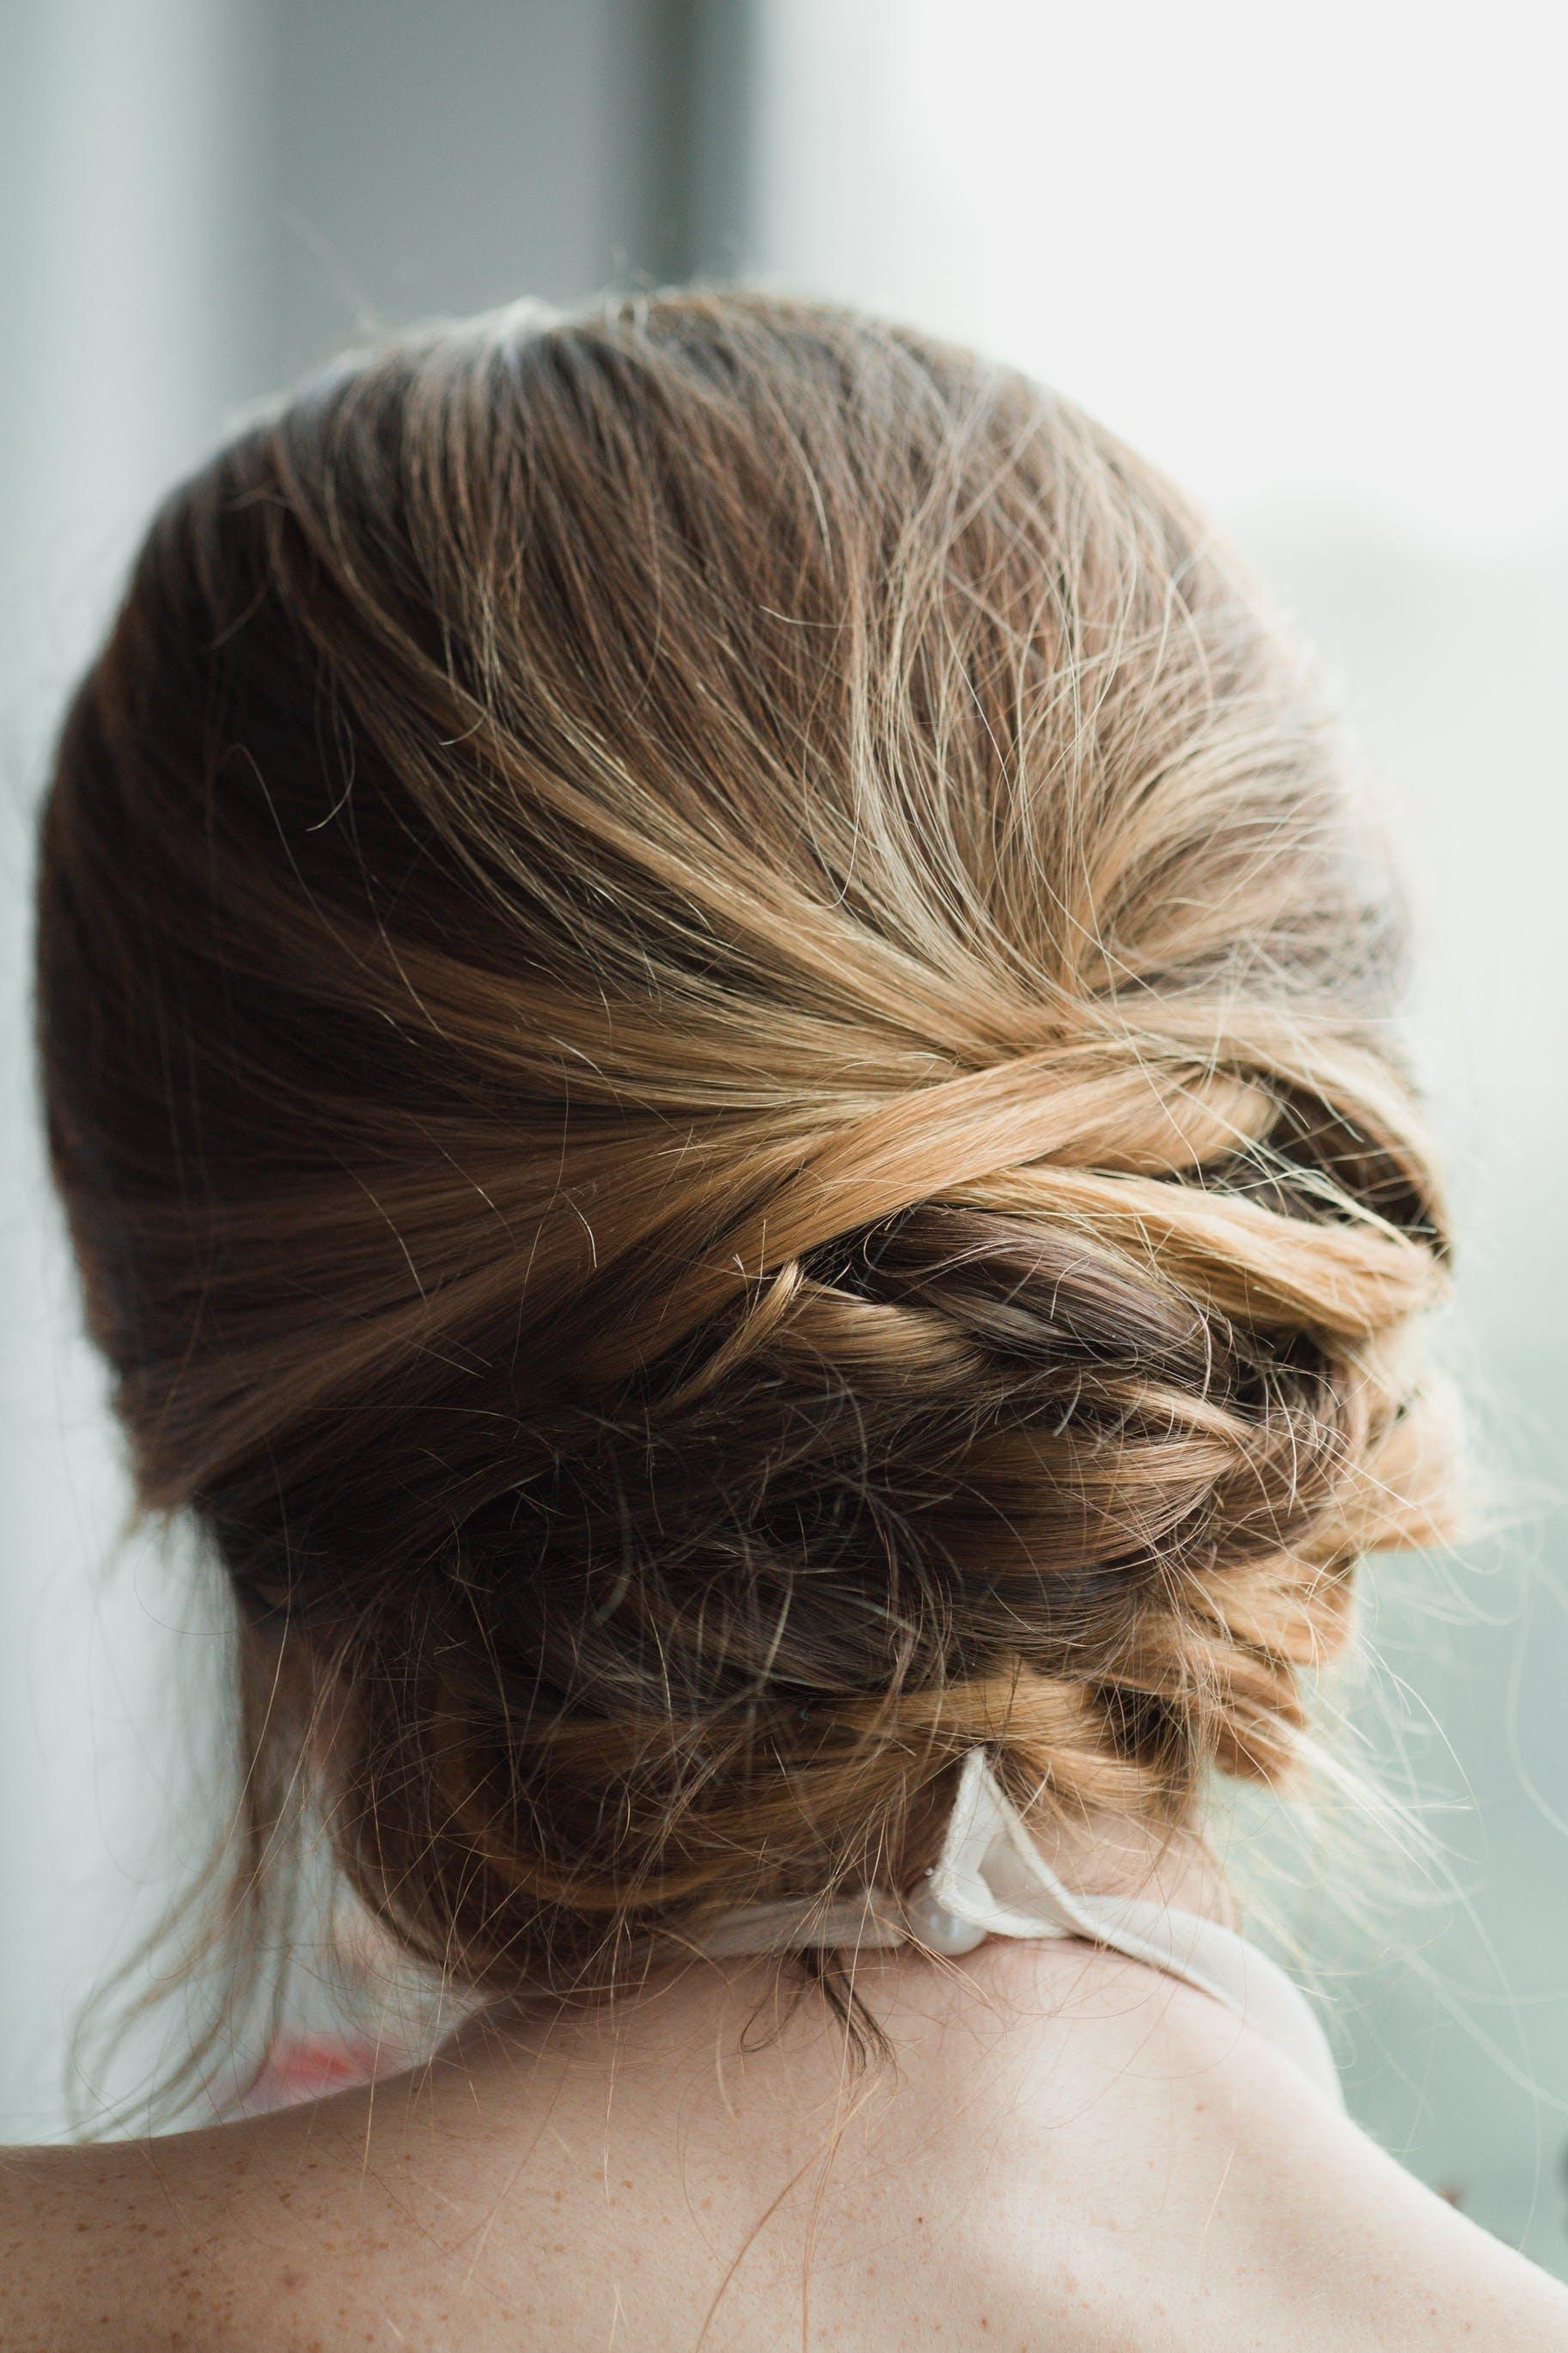 Woman's Blonde Hair